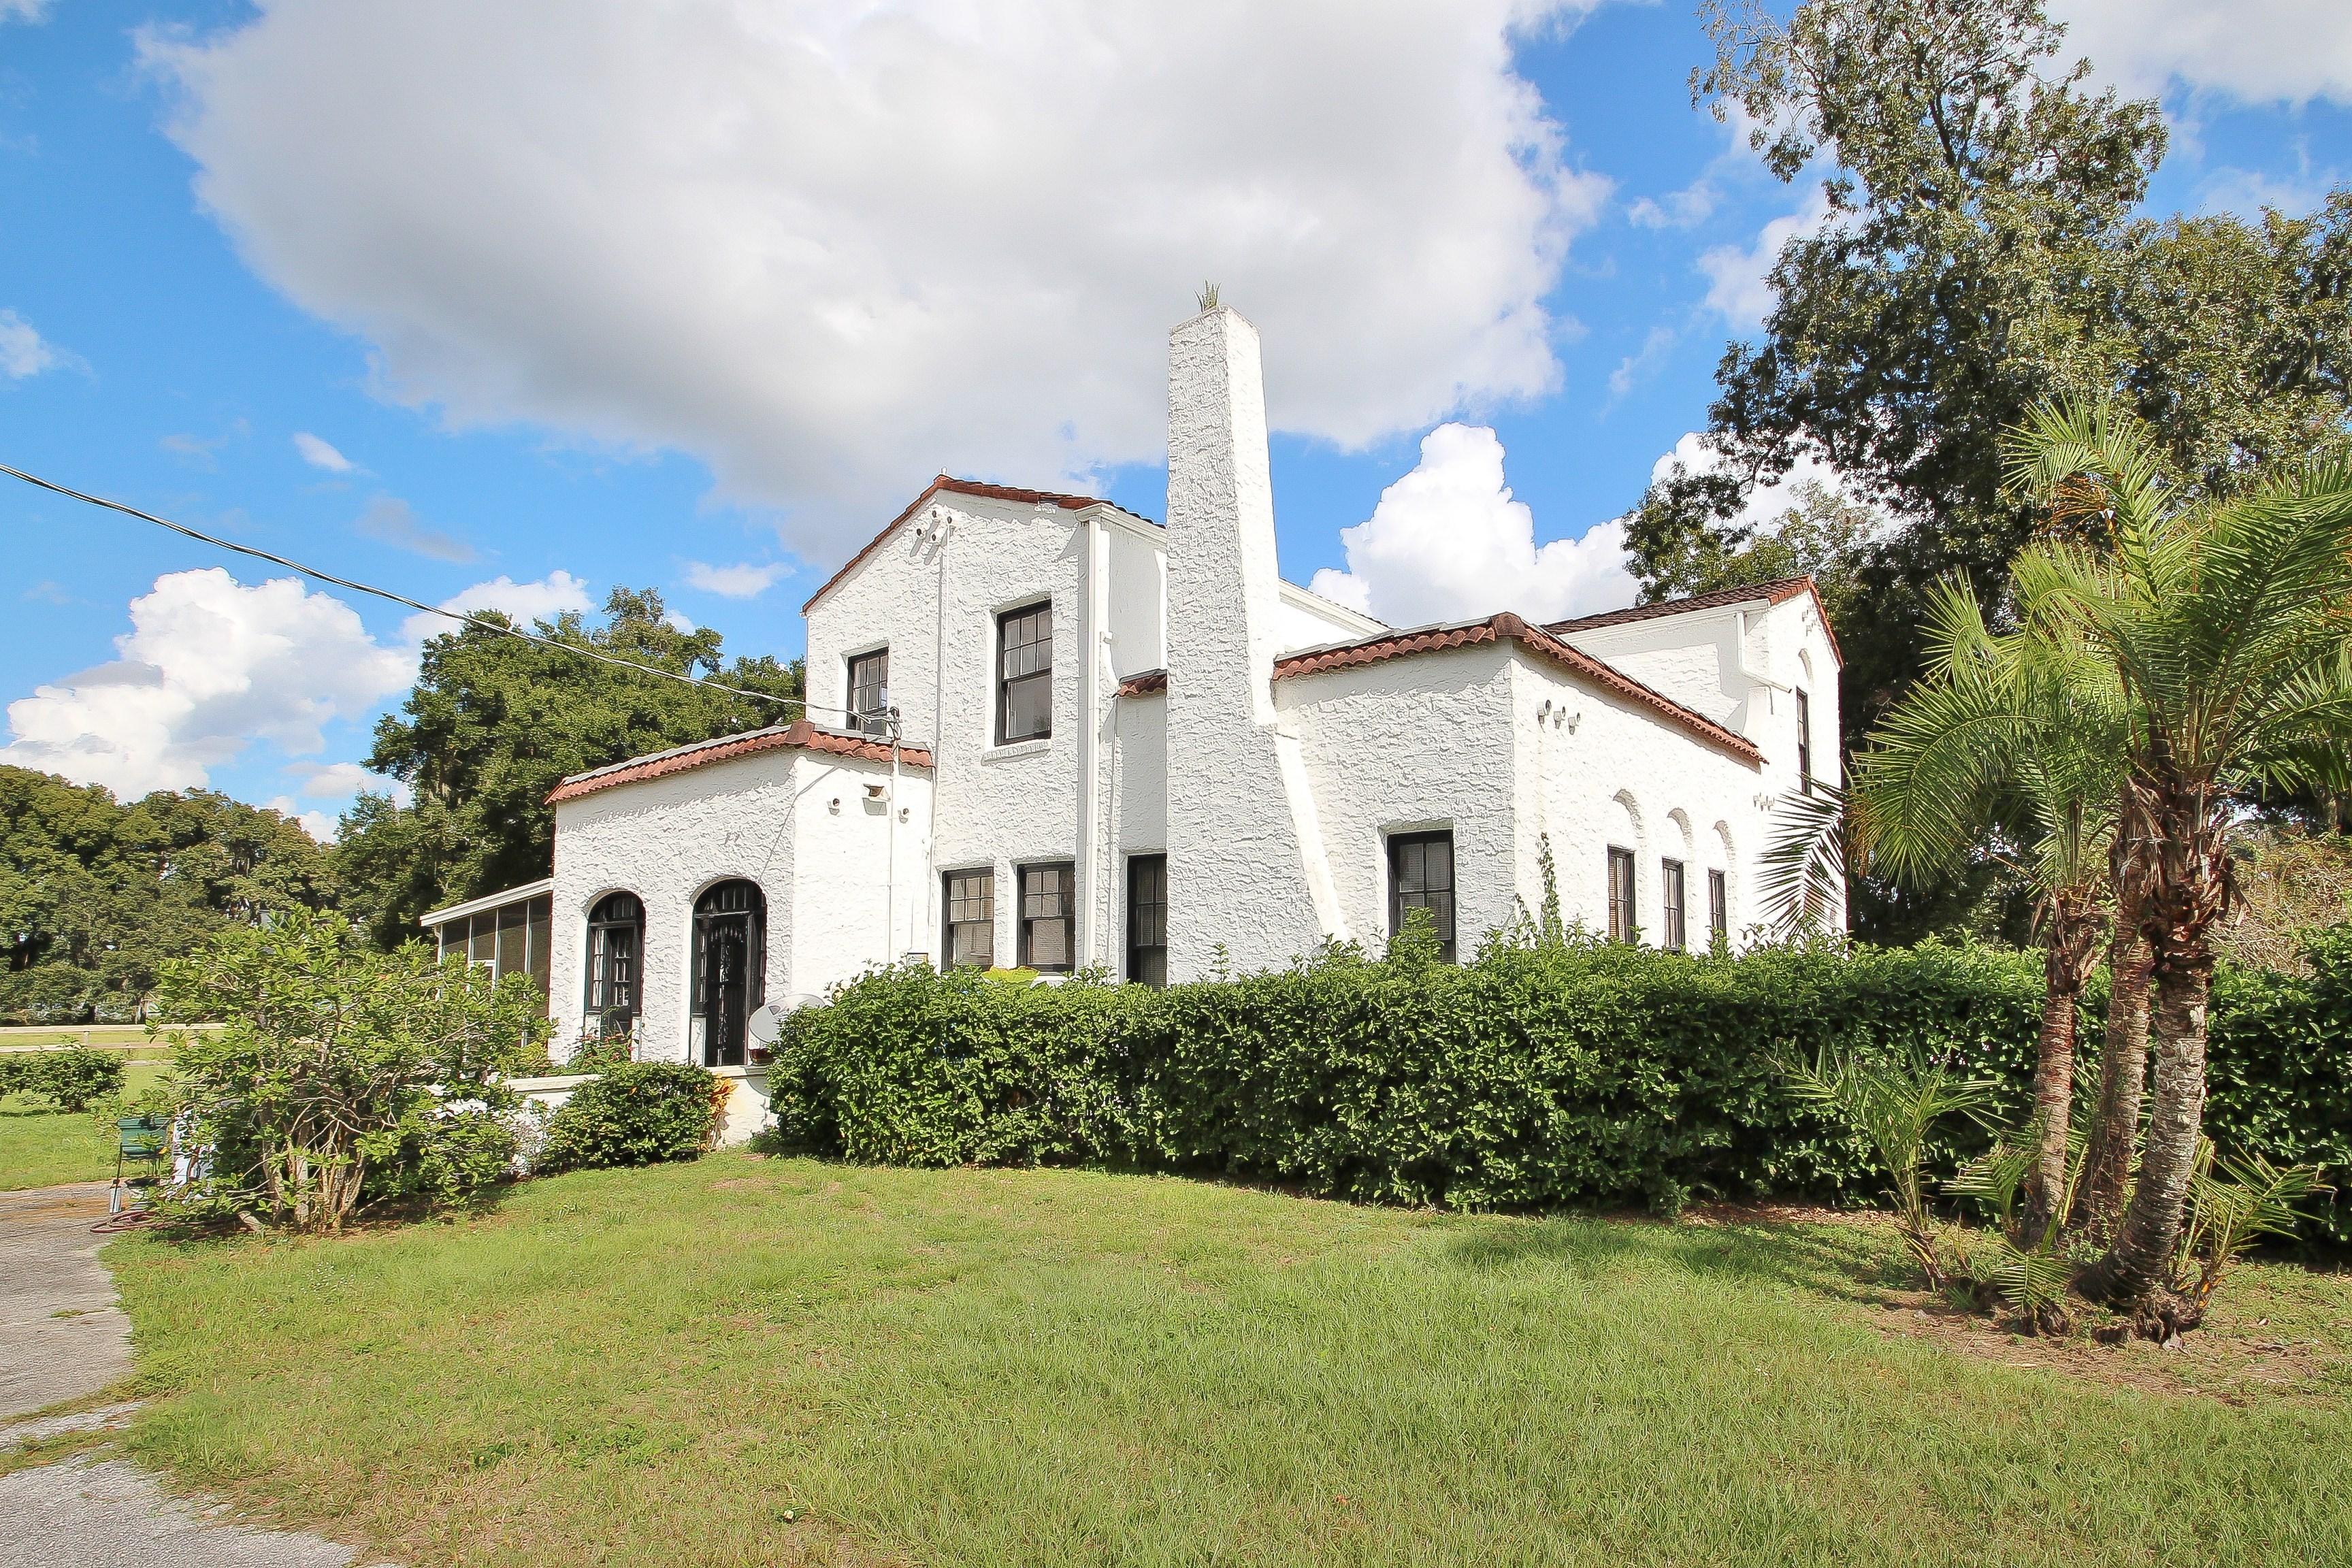 8 acre lakefront estate for sale near tampa fl